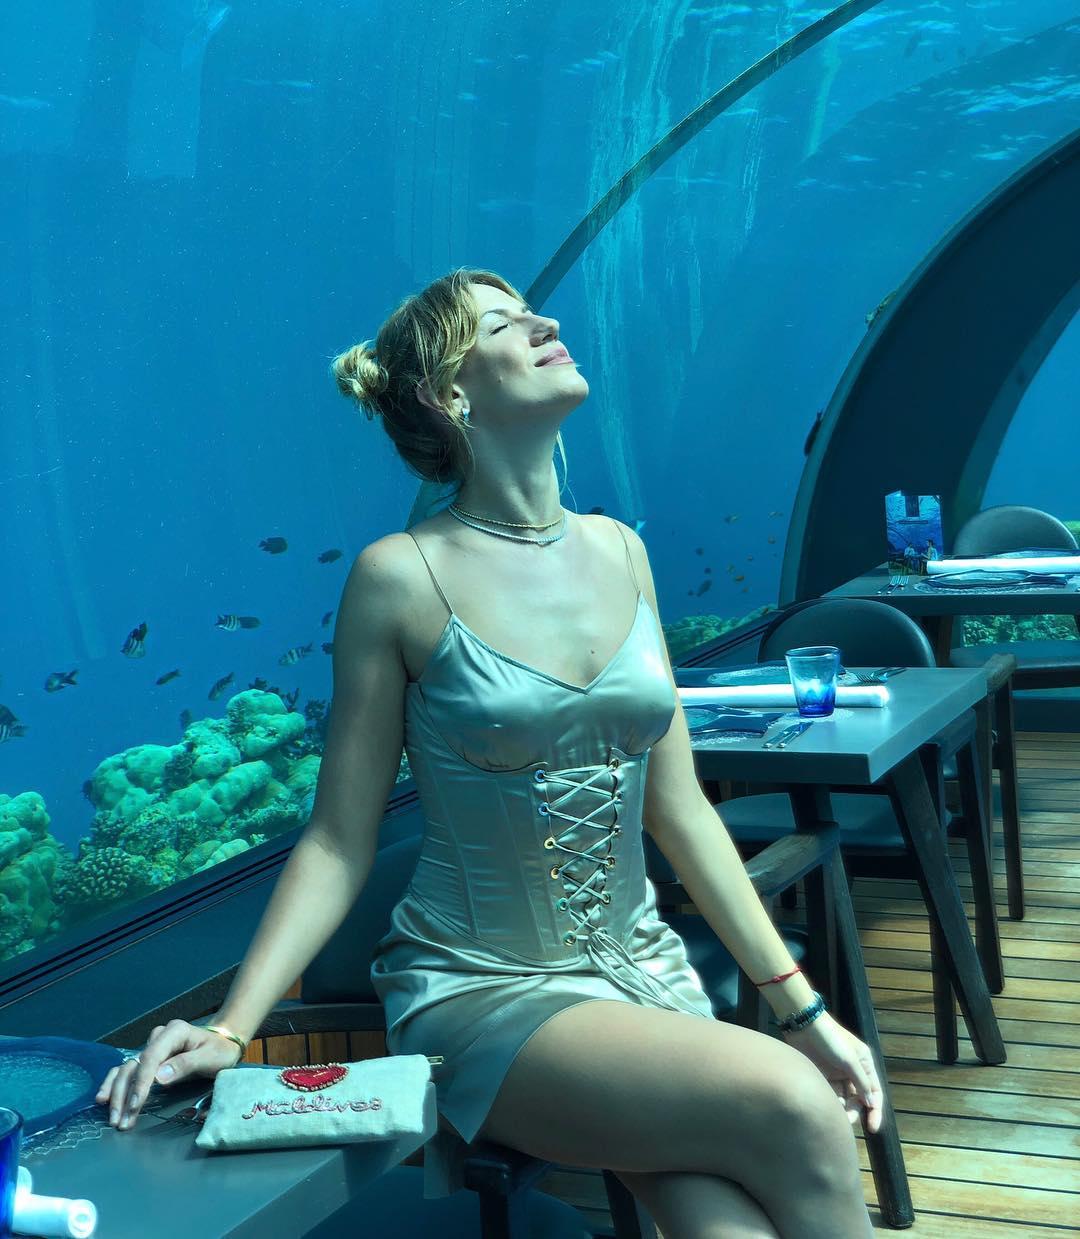 Леся Нікітюк повечеряла під водою: з'явилися фото